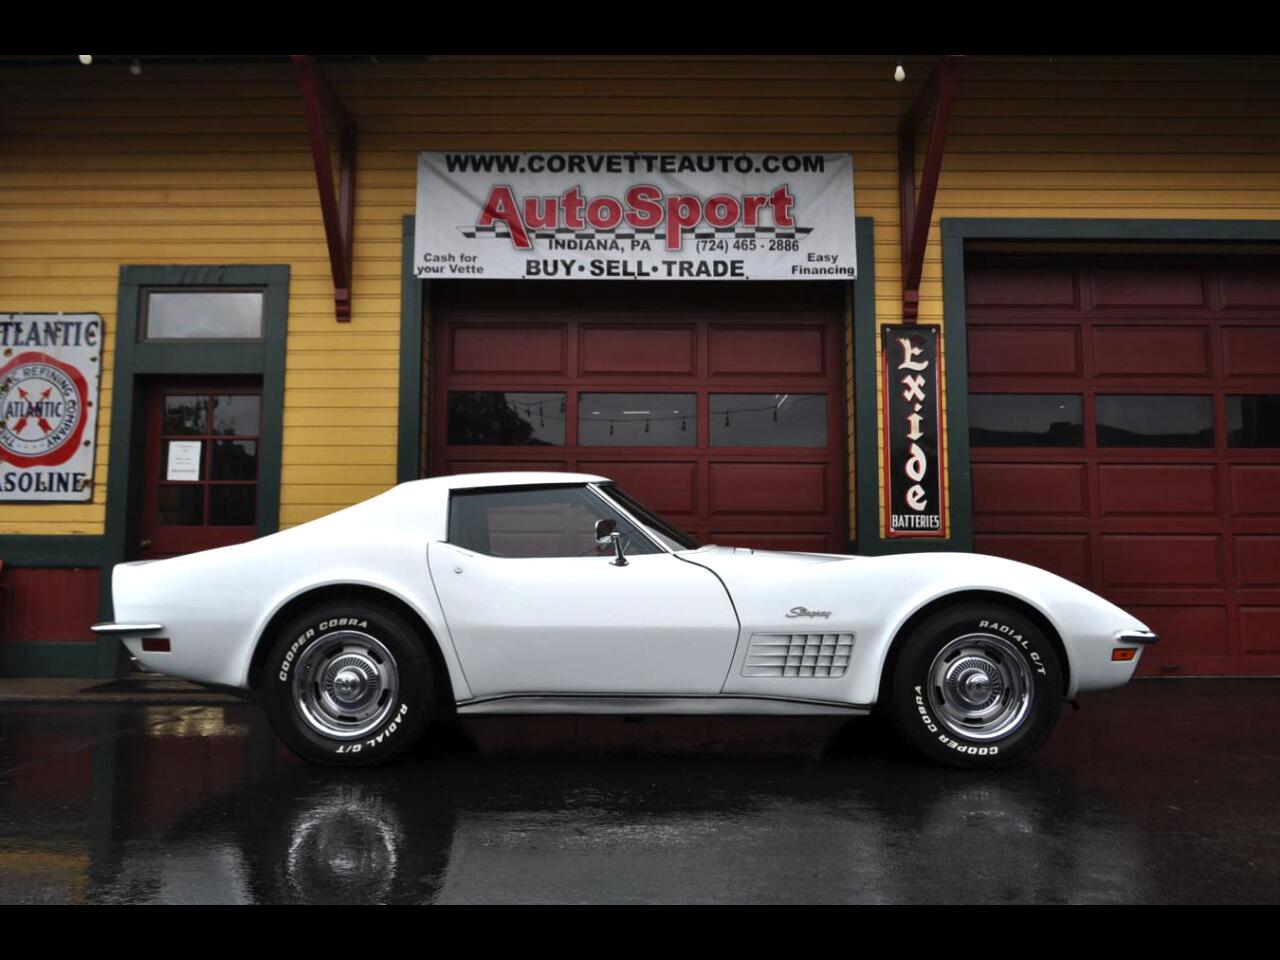 1972 Chevrolet Corvette 1972 Fully Loaded! W/ Origina Docs! Corvette Coupe